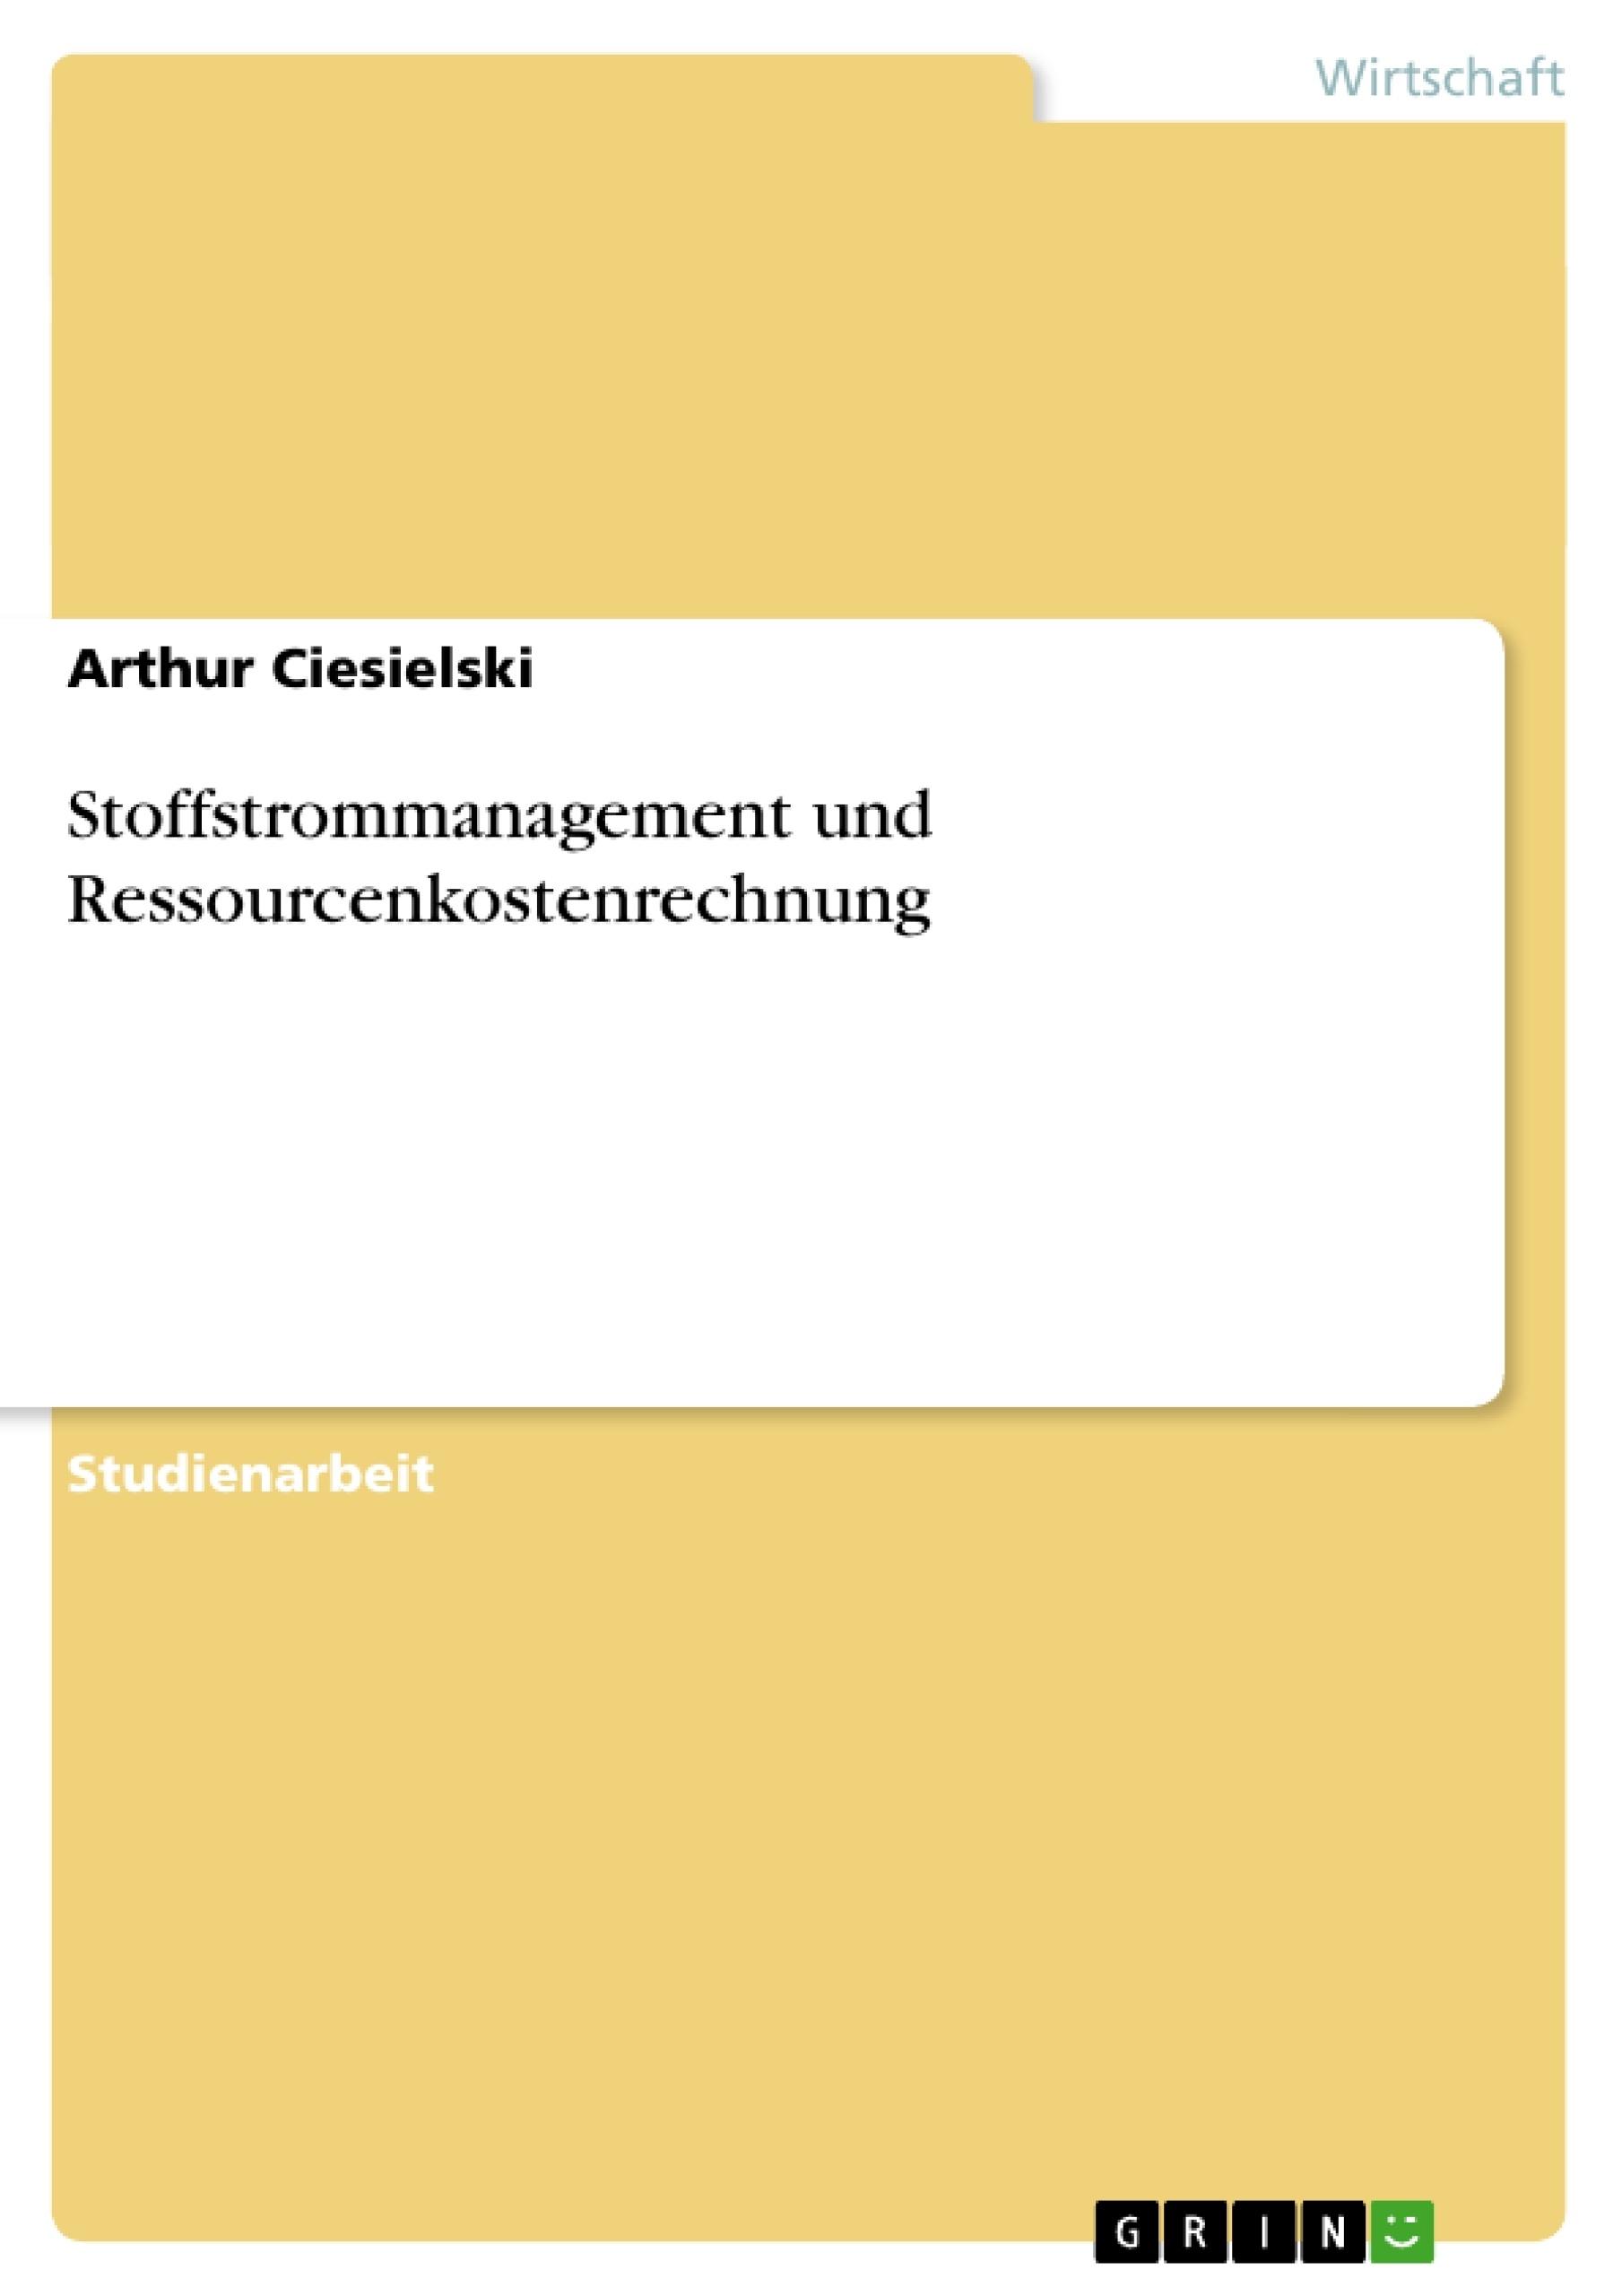 Titel: Stoffstrommanagement und Ressourcenkostenrechnung